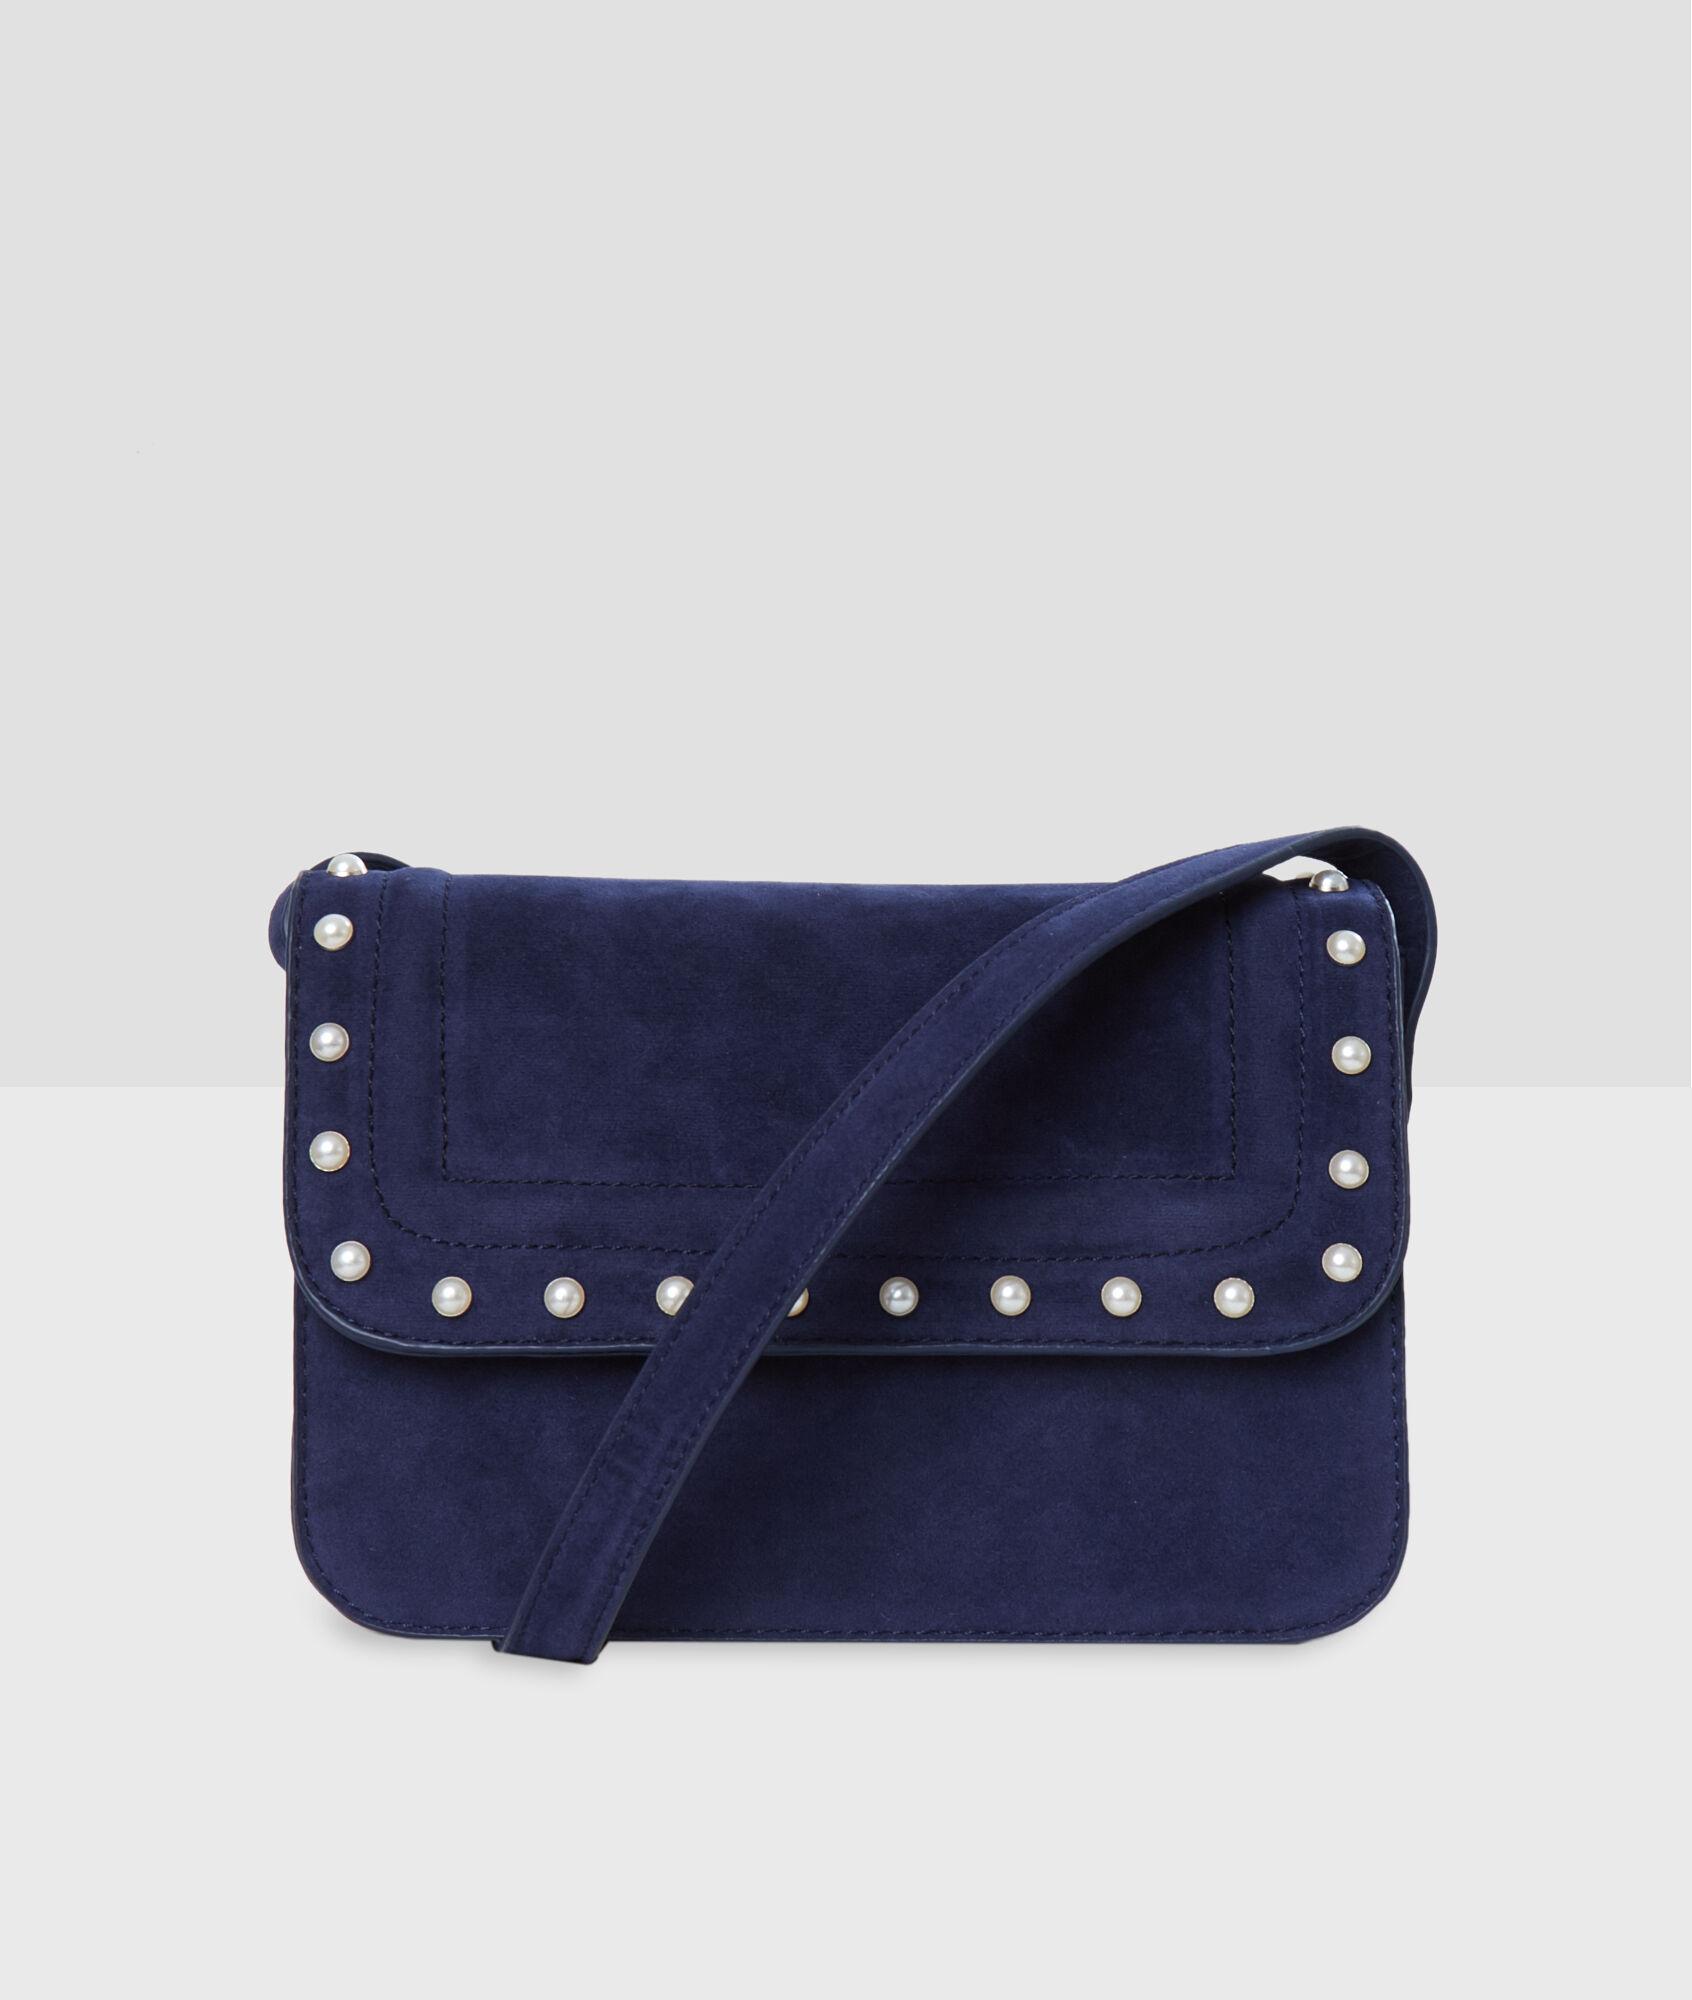 meilleur service e2346 7d91d Sac besace perle sur rabat - Accessoires & chaussures - Prêt-à-porter -  Prix minis - Outlet